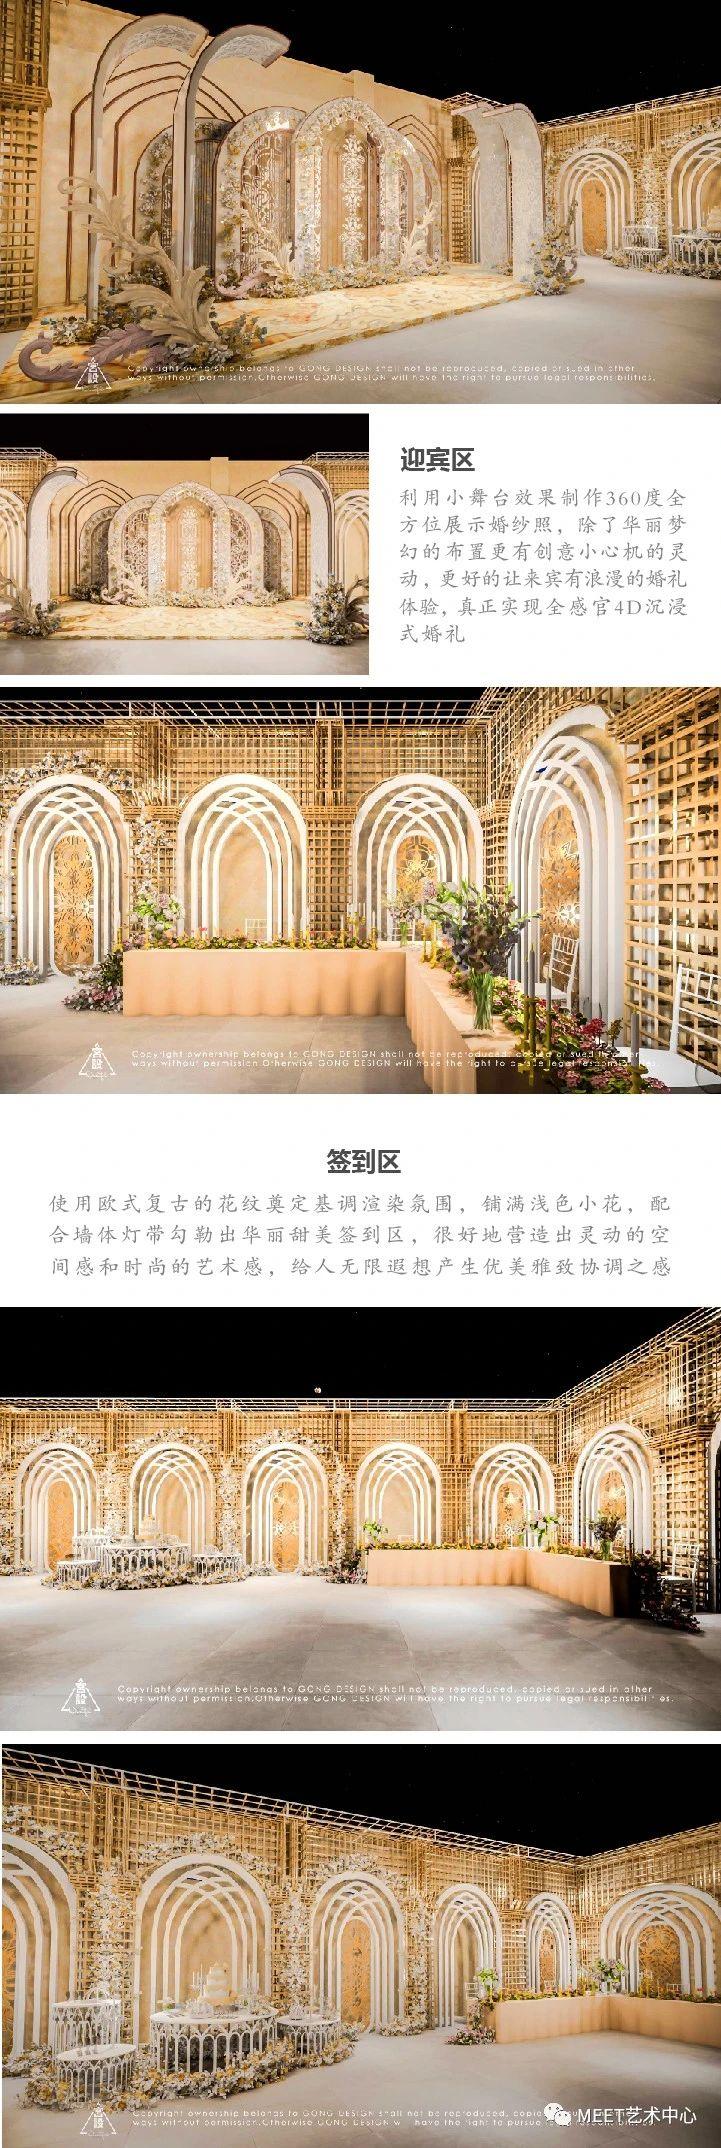 婚礼堂发布:苏州太湖湾畔一站式婚礼艺术中心  第3张